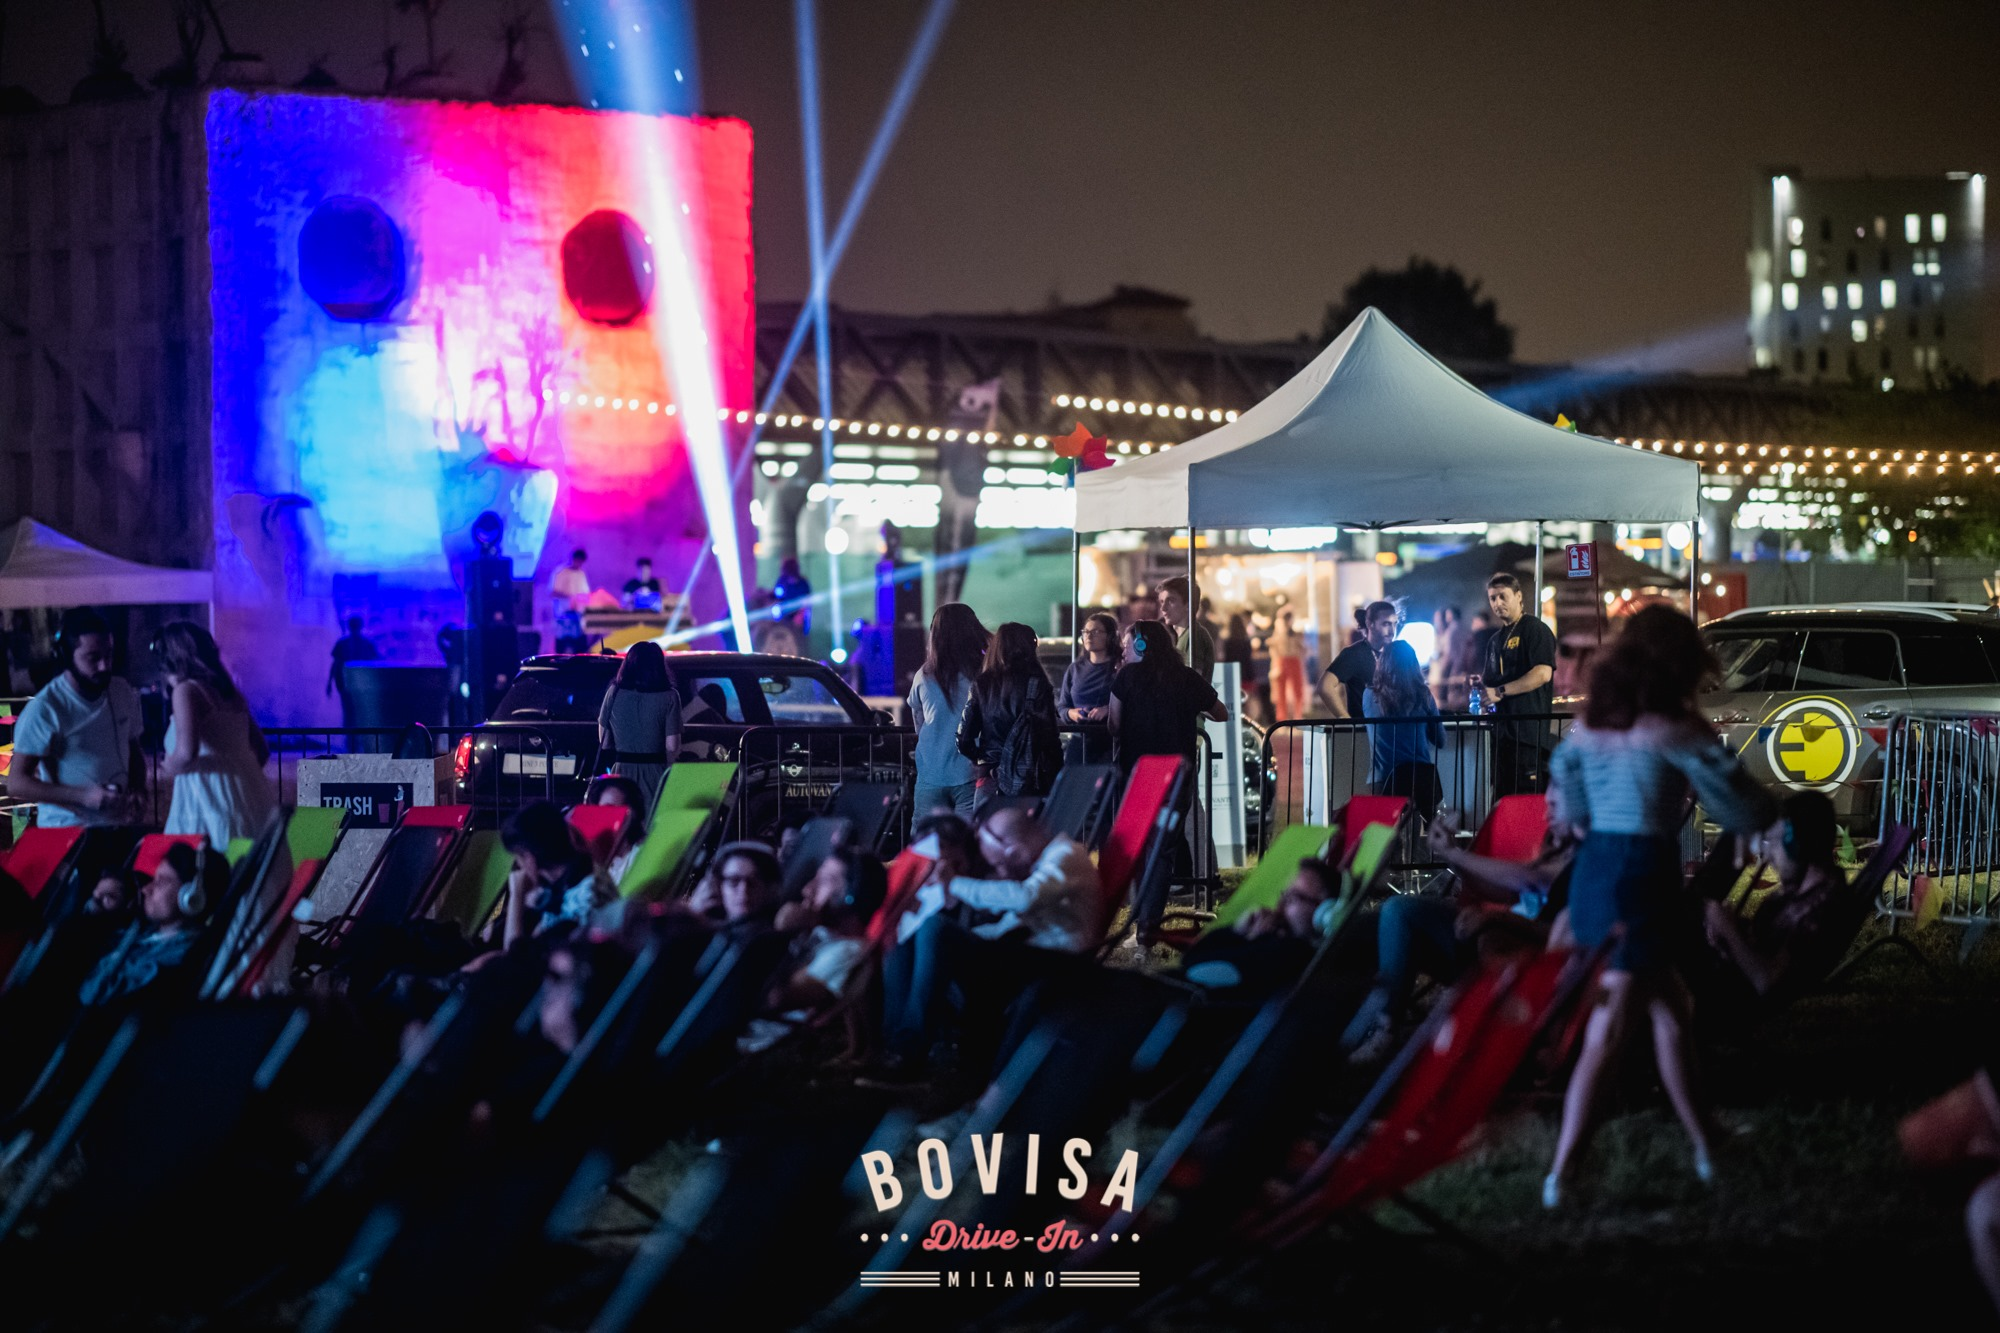 BOVISA DRIVE-IN / Dj Set, Street Food & Cinema / Let's Dance milano